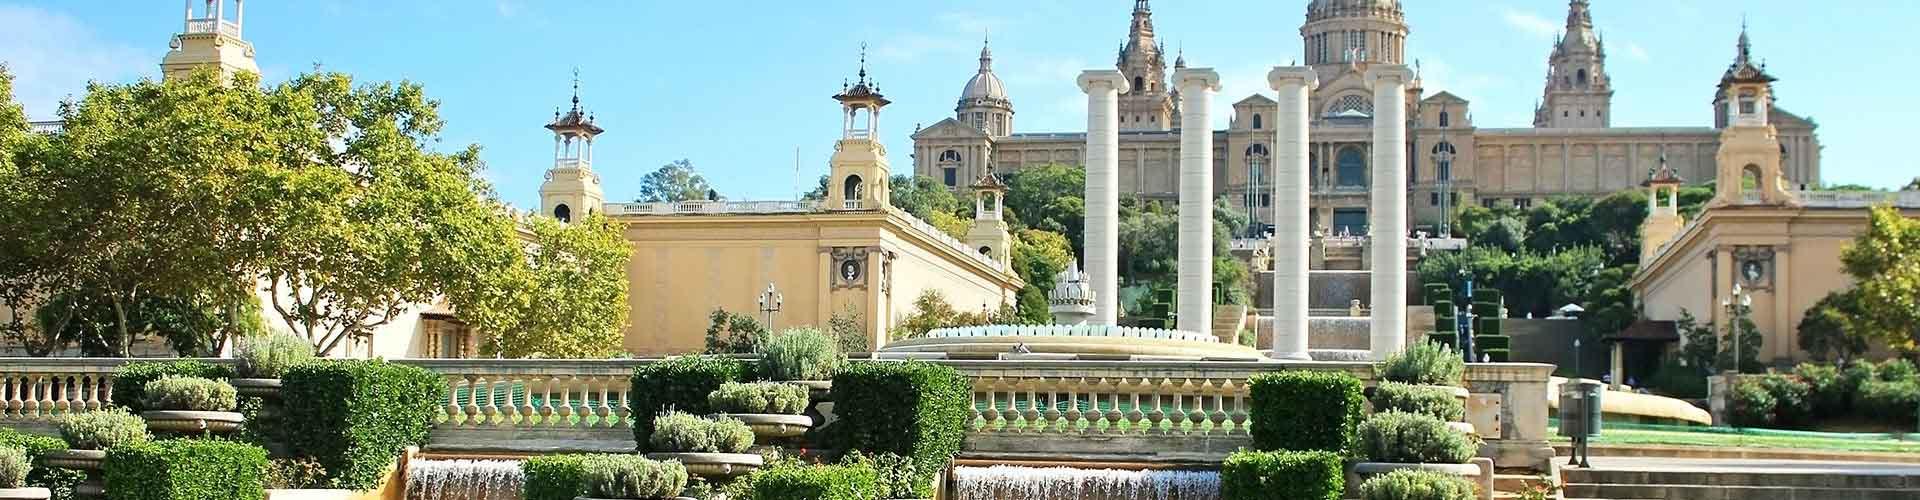 바르셀로나 - 바르셀로나에 있는 호스텔. 바르셀로나의 지도, 바르셀로나에 위치한 호스텔 사진 및 후기 정보.